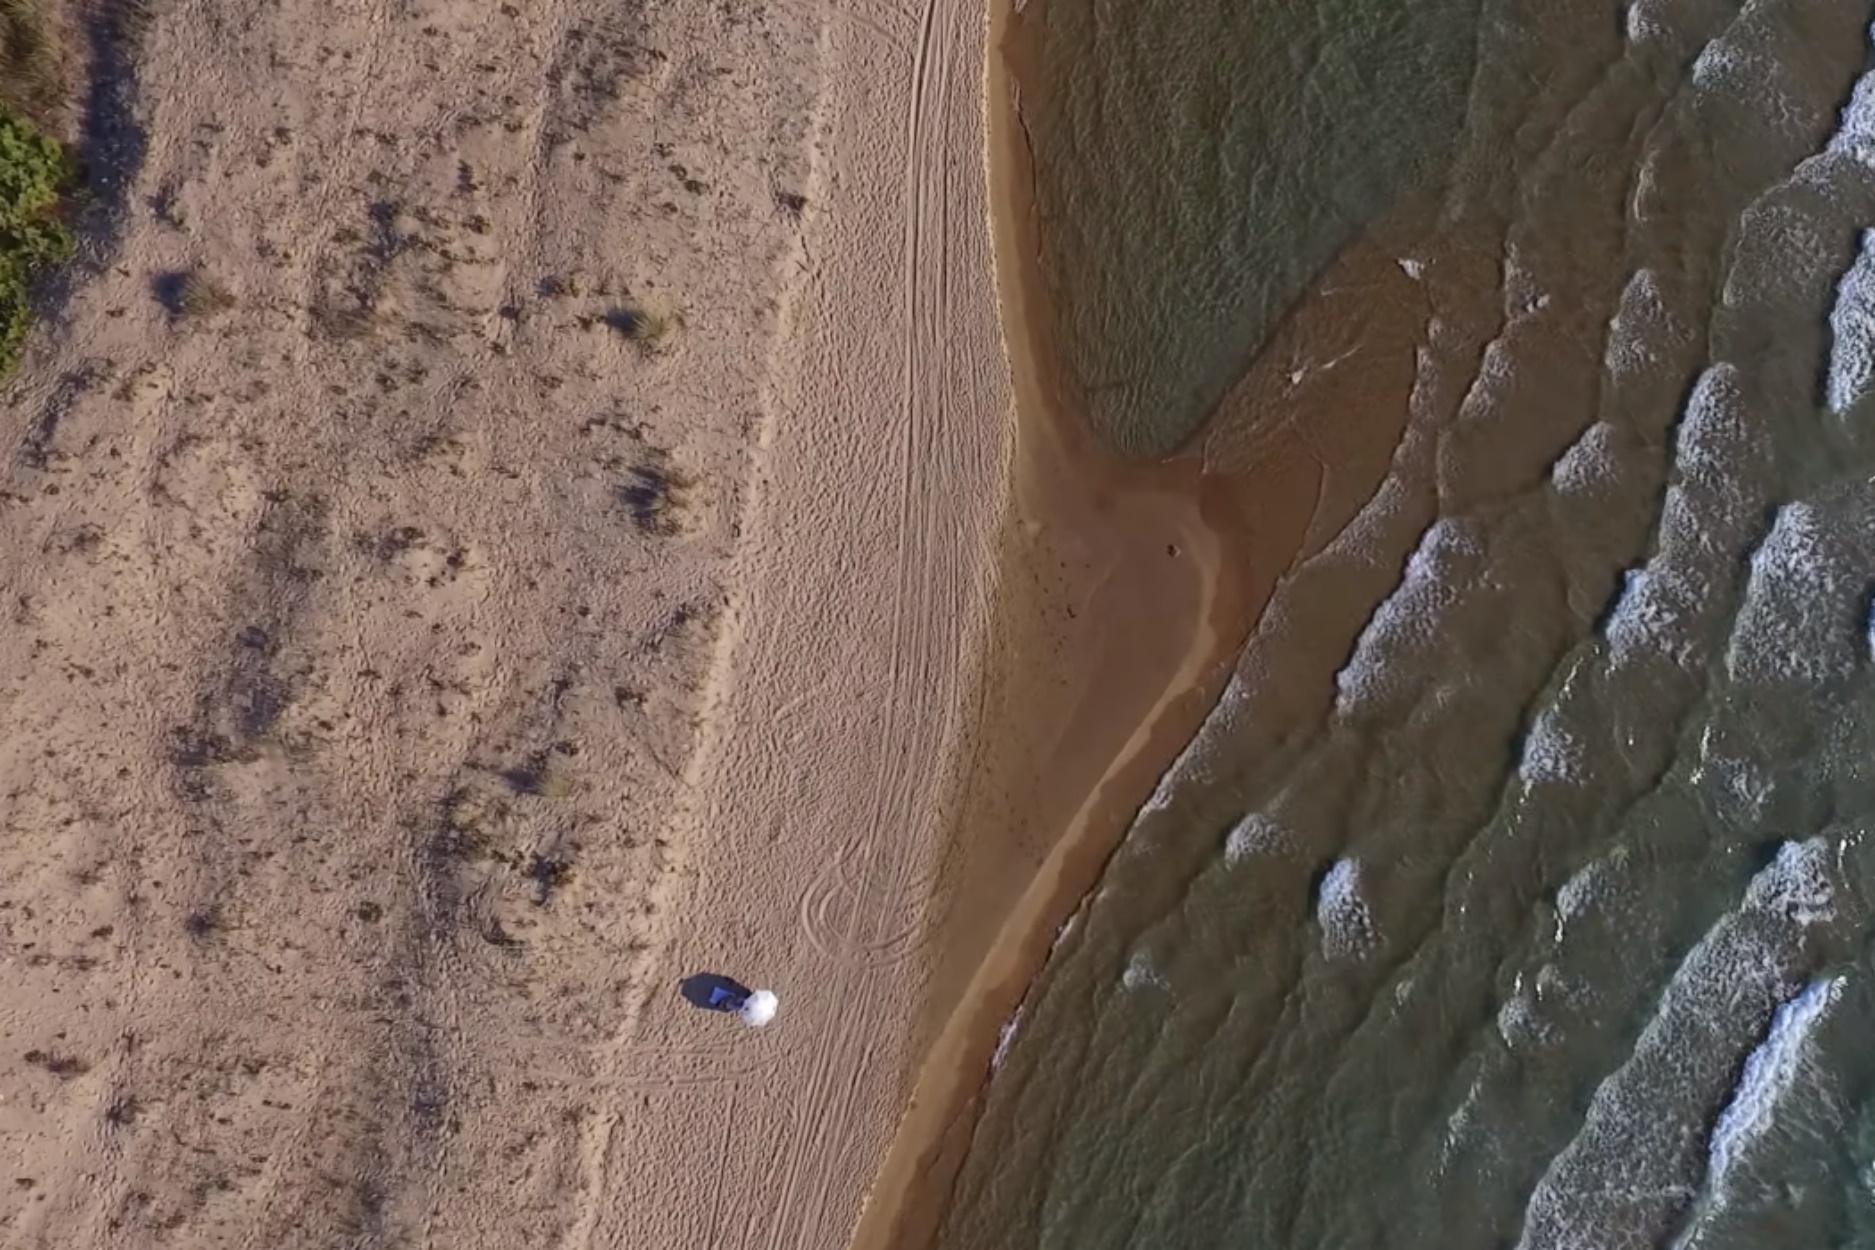 Η απέραντη παραλία με αμμόλοφους στην Πελοπόννησο που ίσως δεν έχετε ακούσει ποτέ